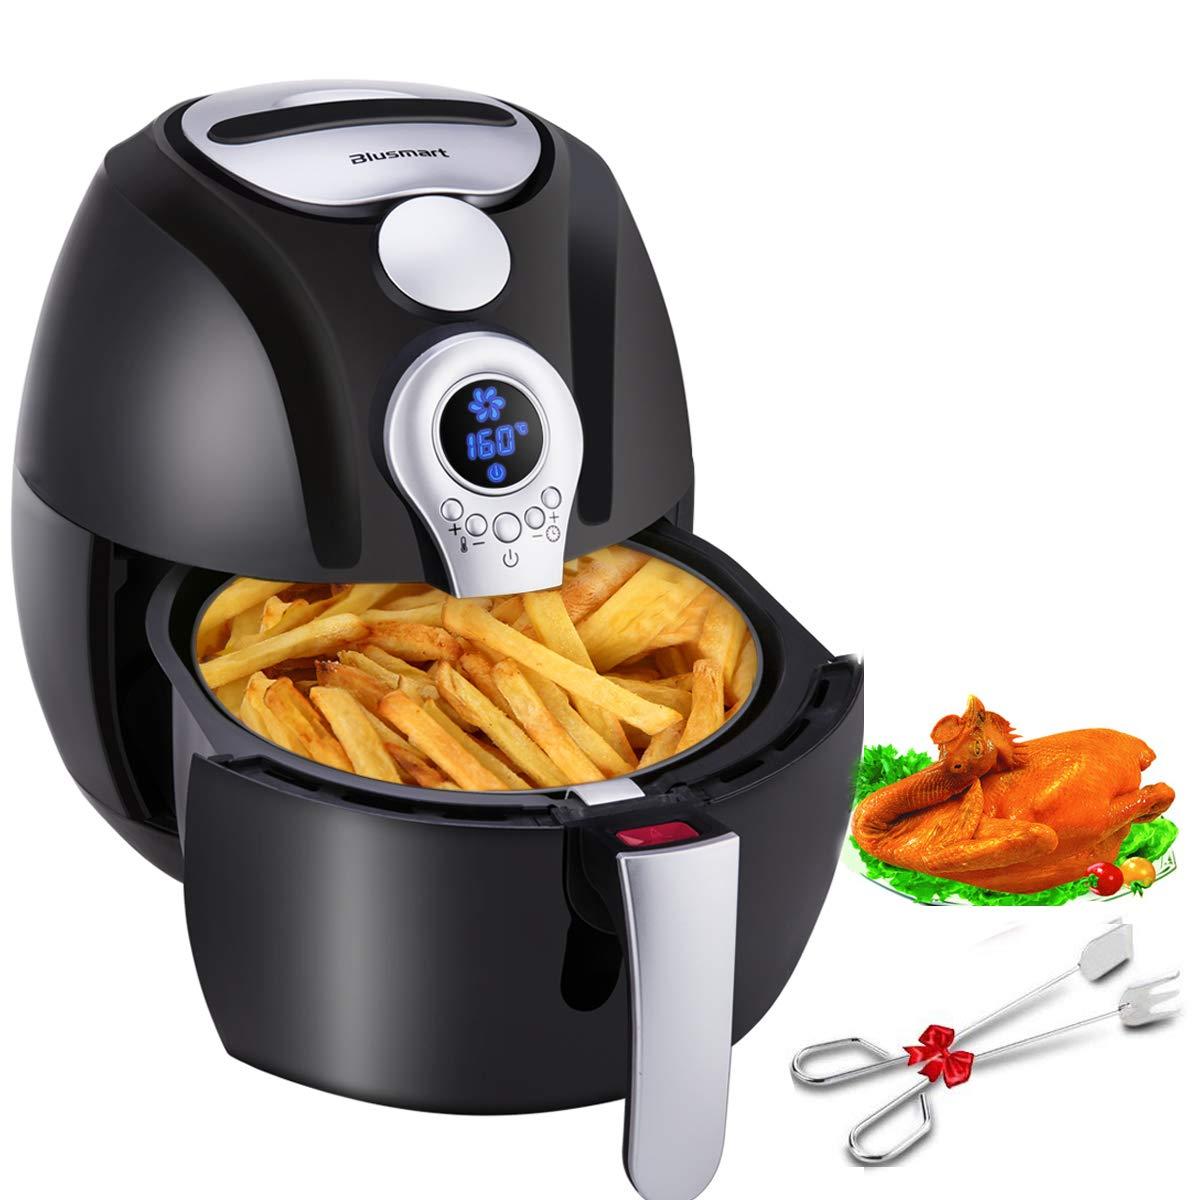 Blusmart Heißluftfritteuse 3,2 Liter XL Air Fryer mit Digitale Display | fritteuse ohne fett | 1400 Watt gesundes Kochen Heissluft Fritteusen (mit